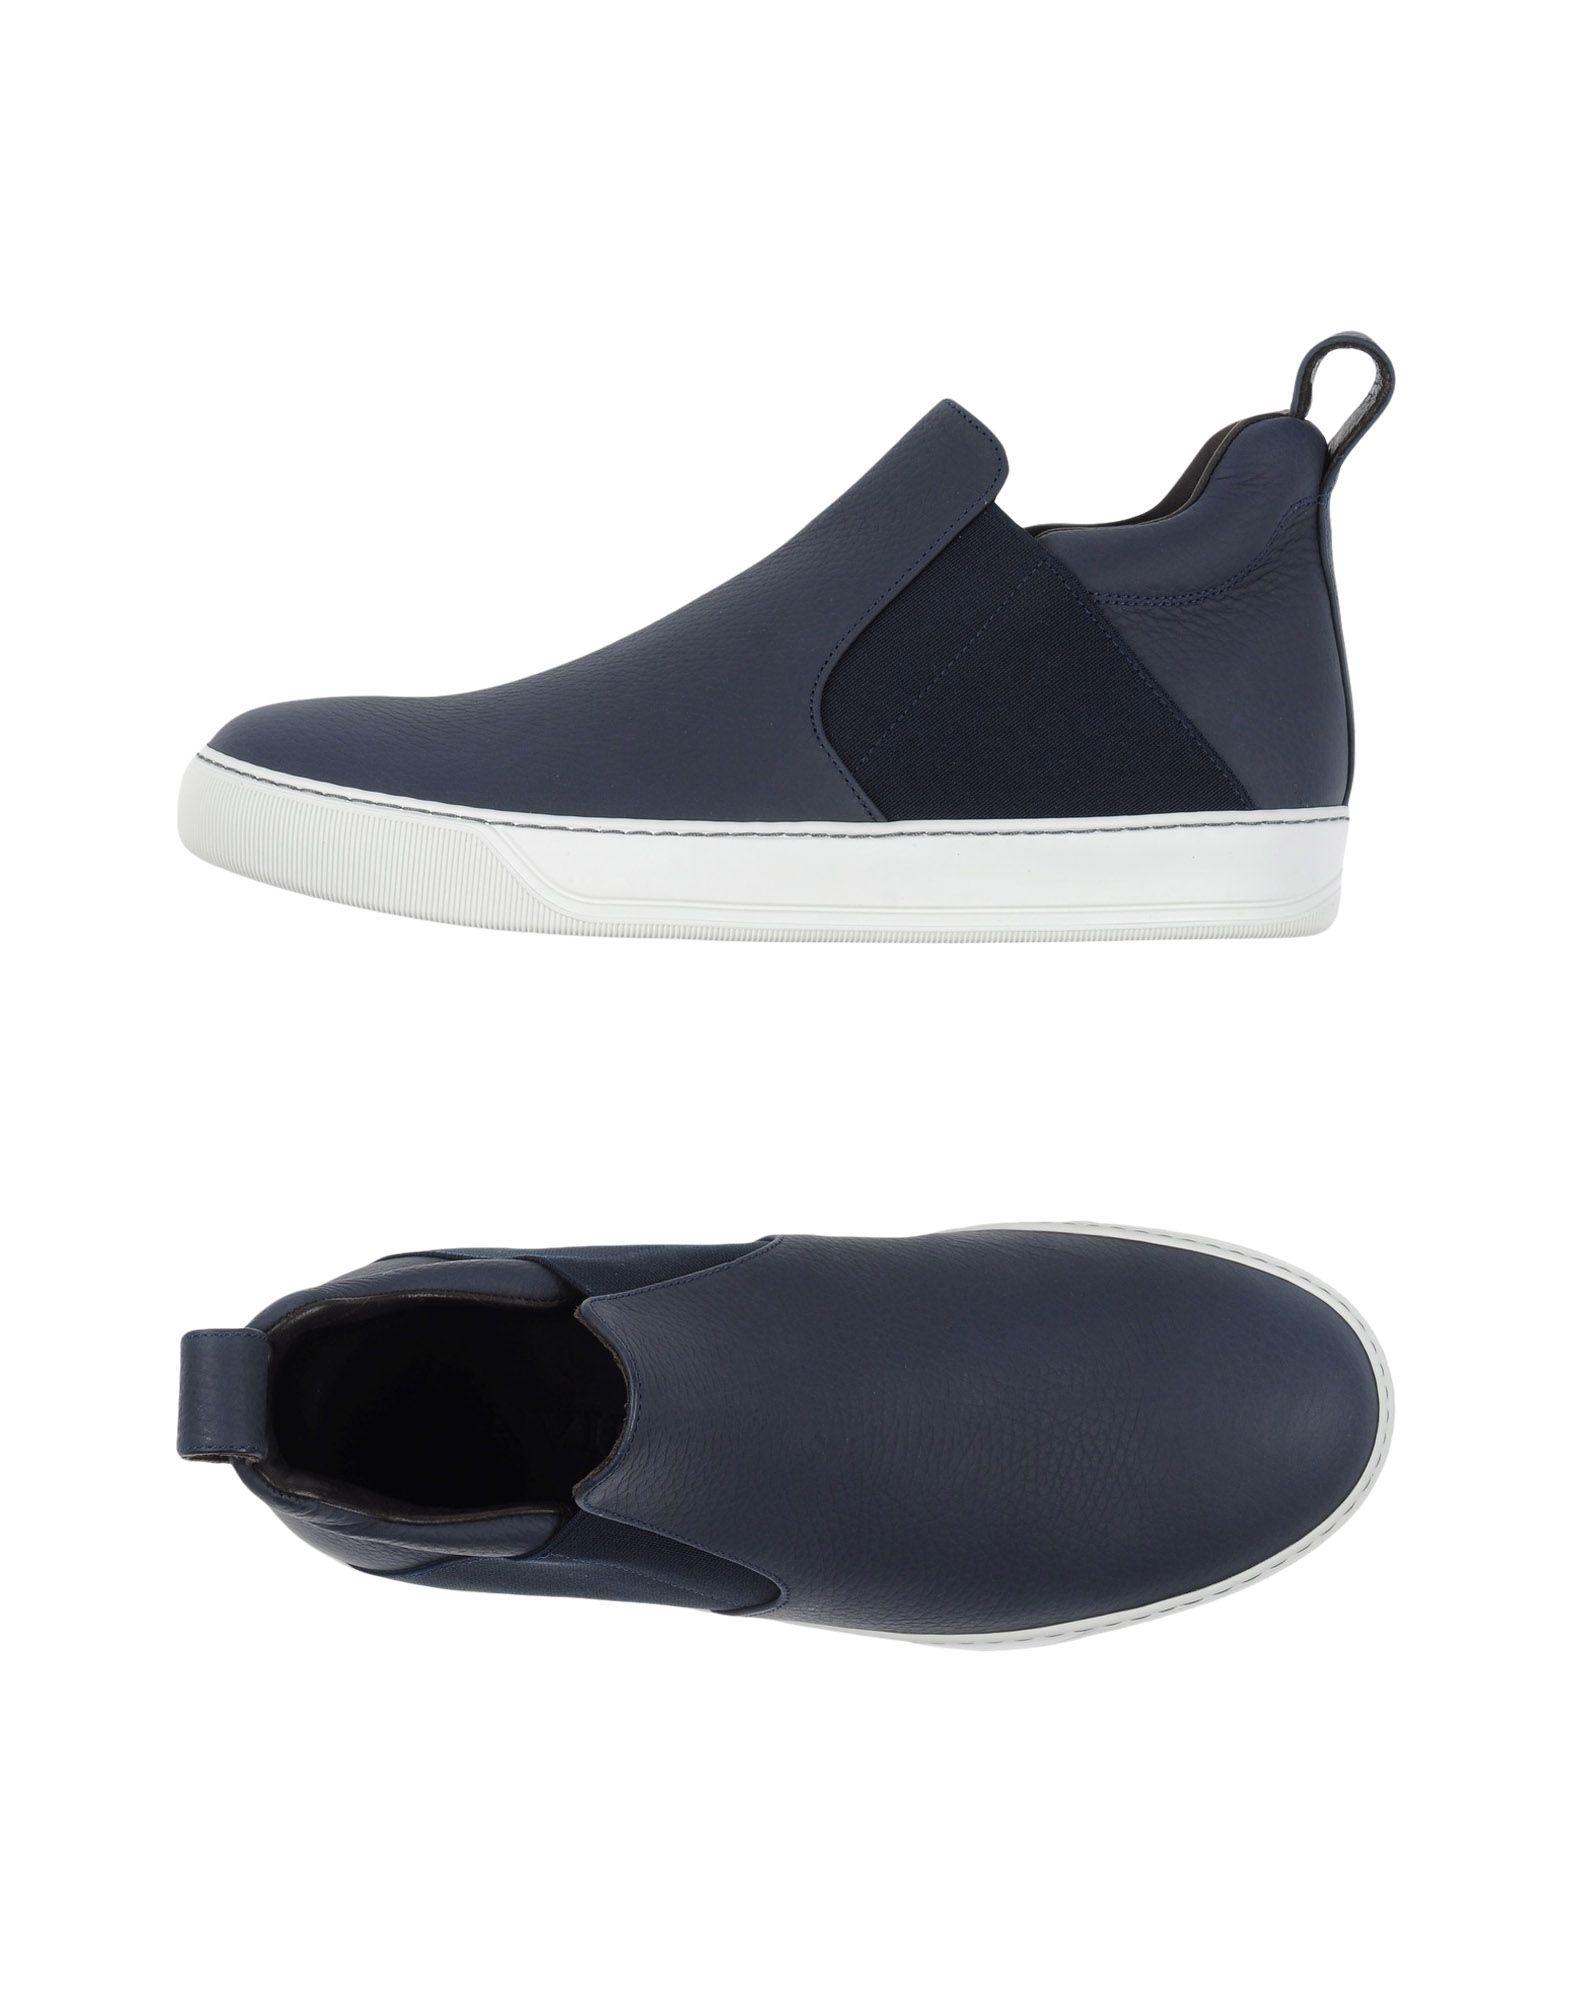 Moda 11279493VE Sneakers Lanvin Uomo - 11279493VE Moda f2a4bb